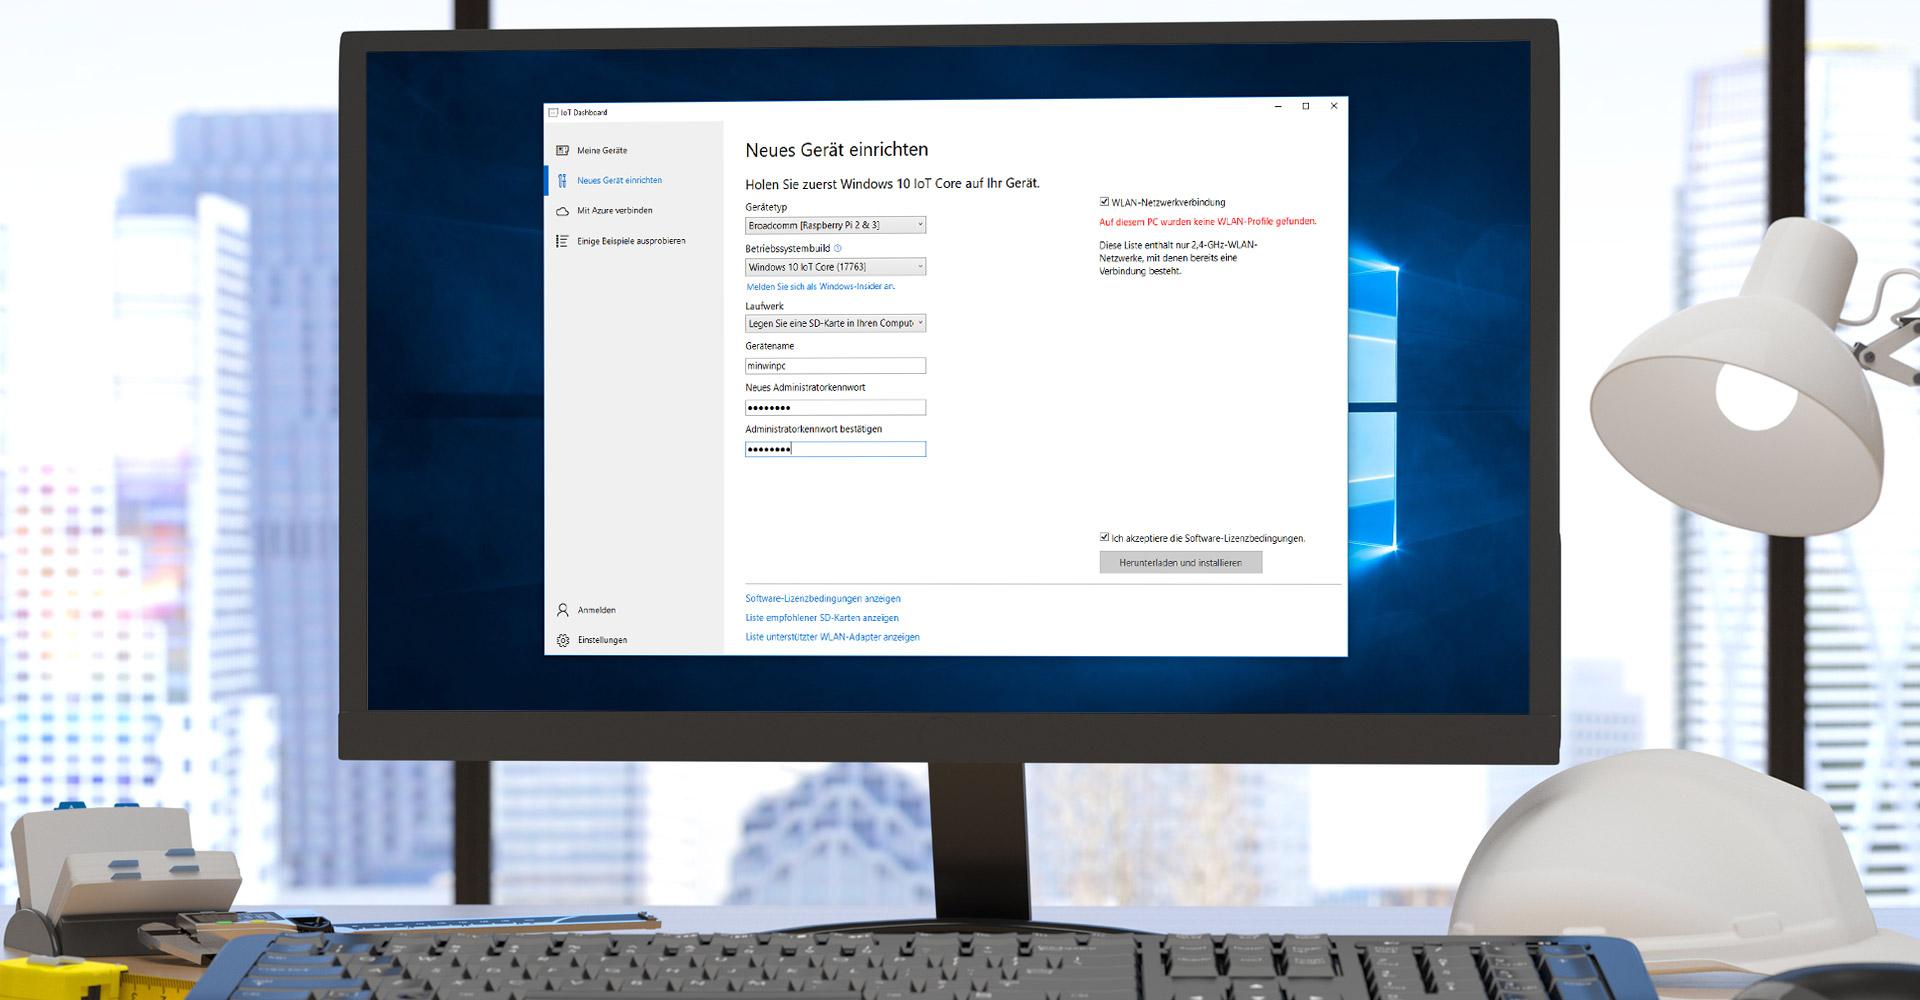 Windows 10 IoT Core auf Raspberry Pi 3 installieren: So geht's